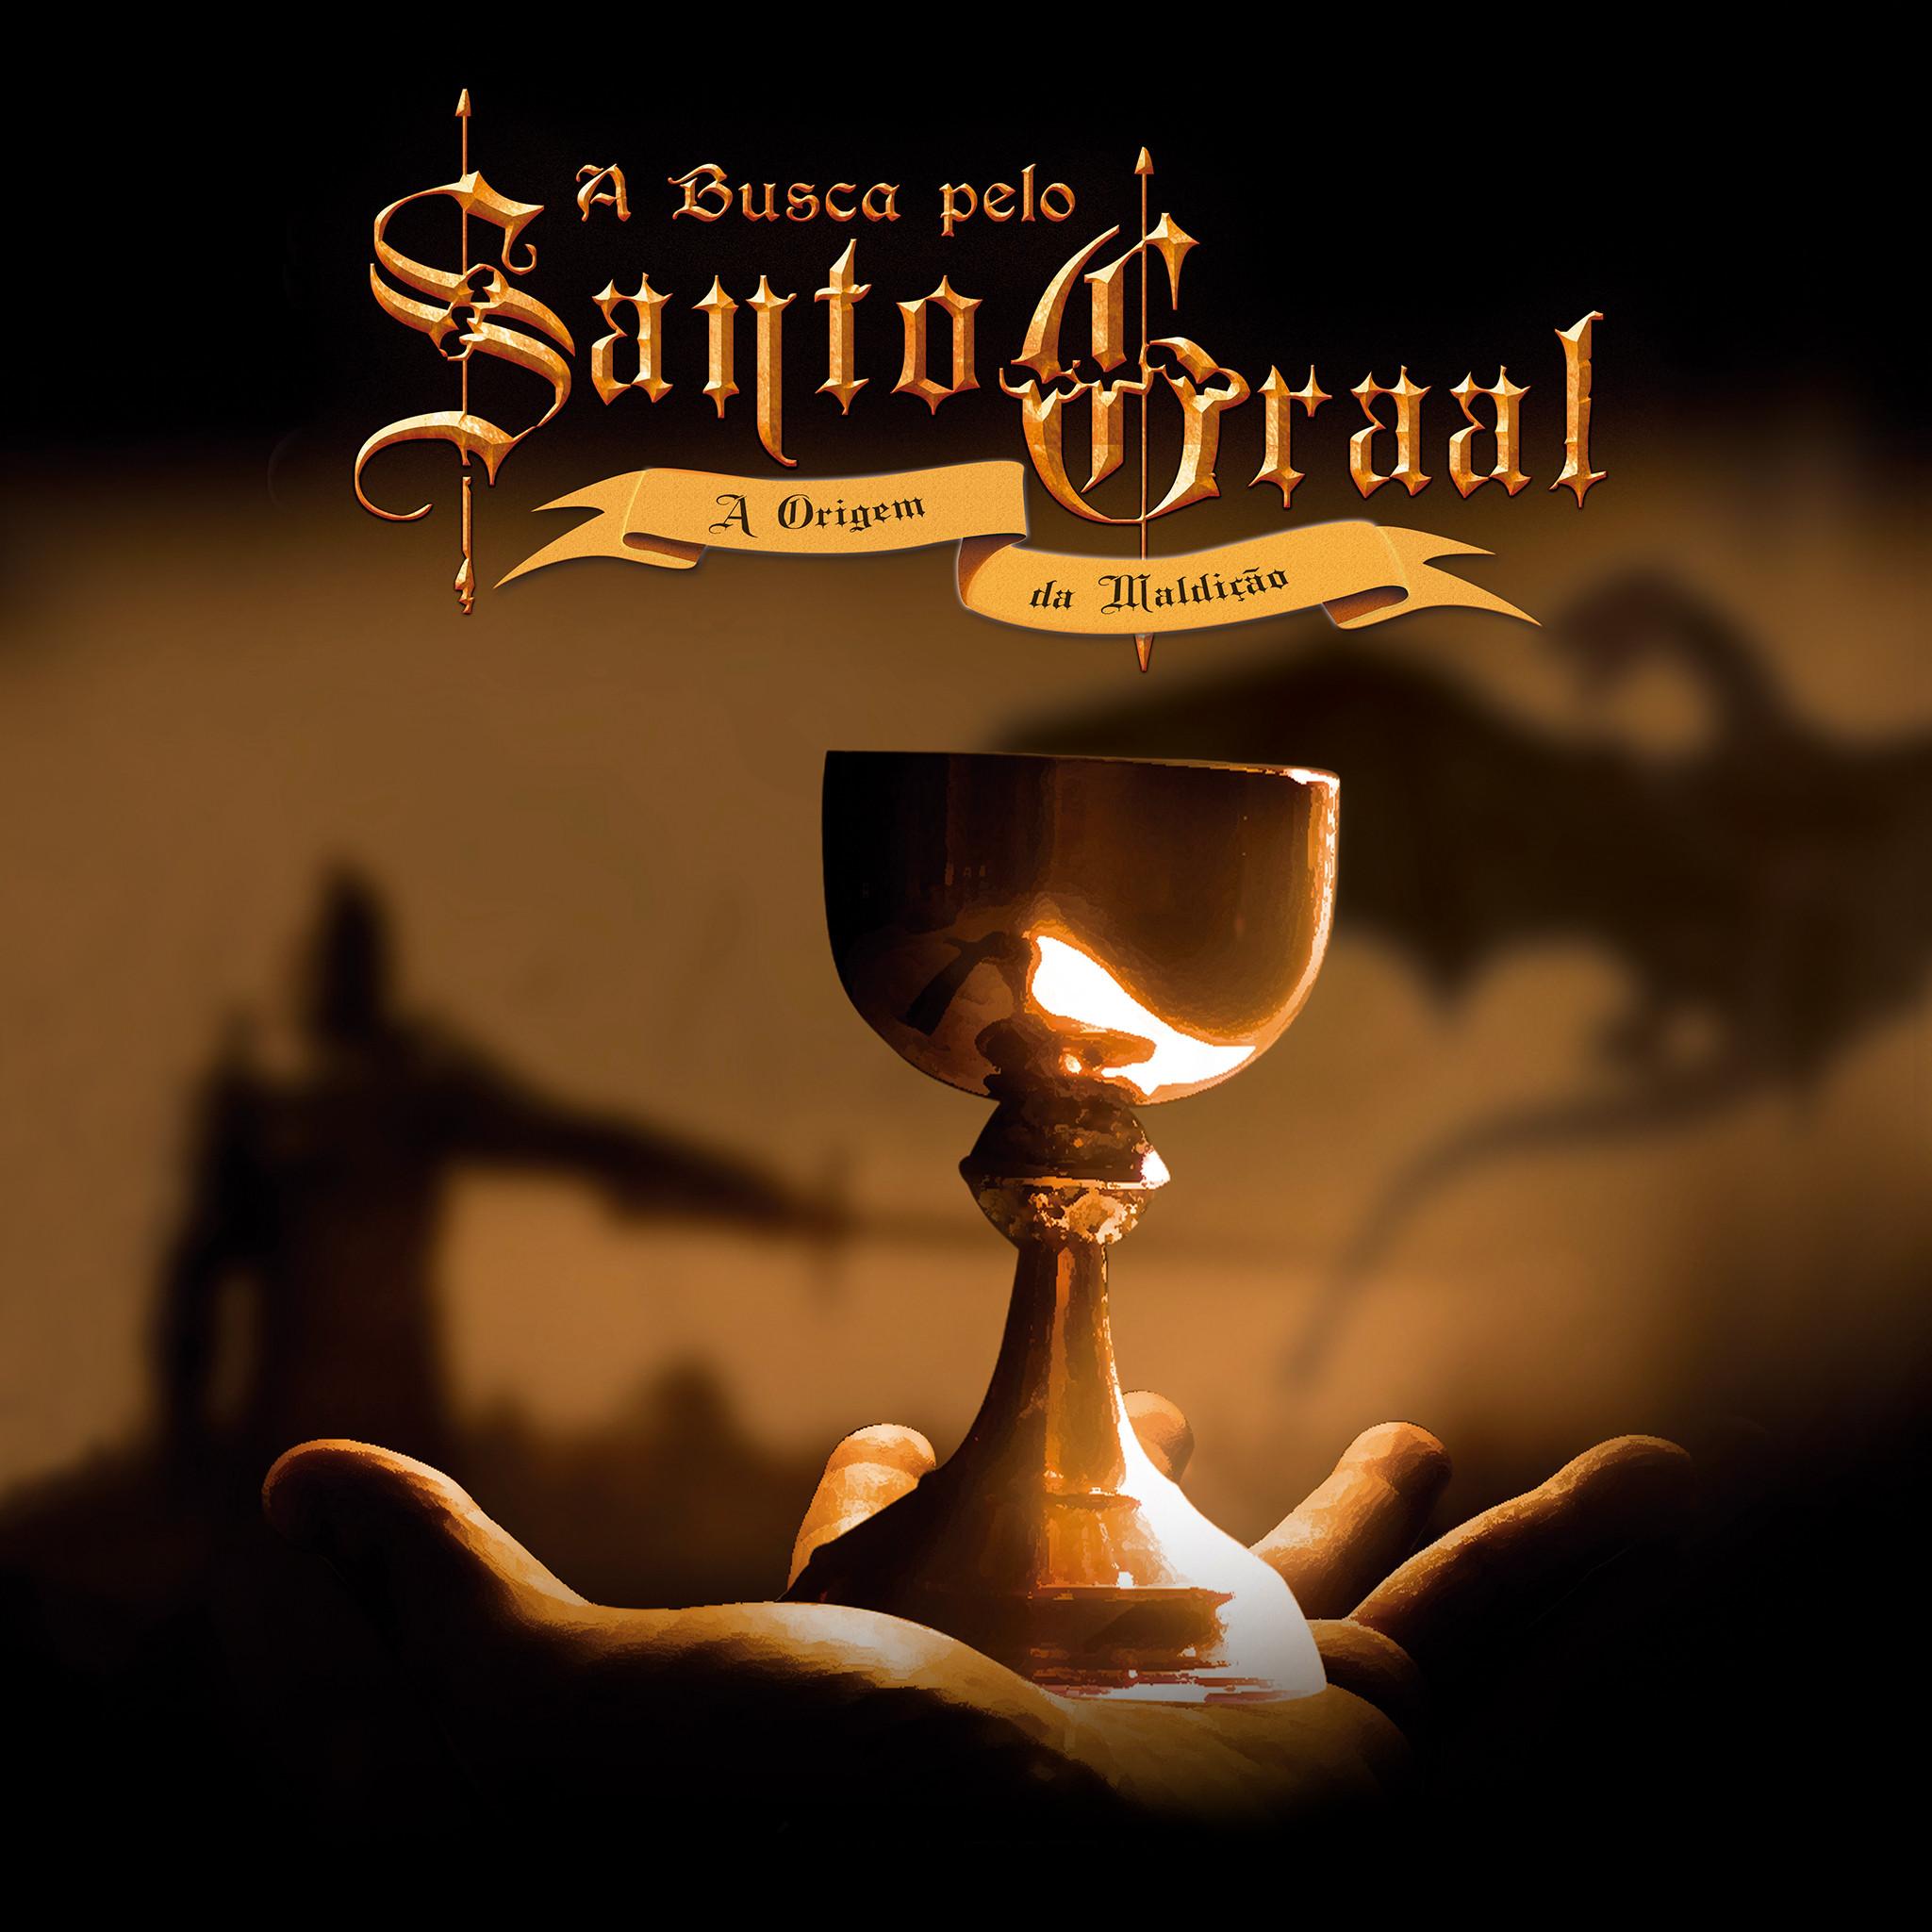 A busca pelo Santo Graal